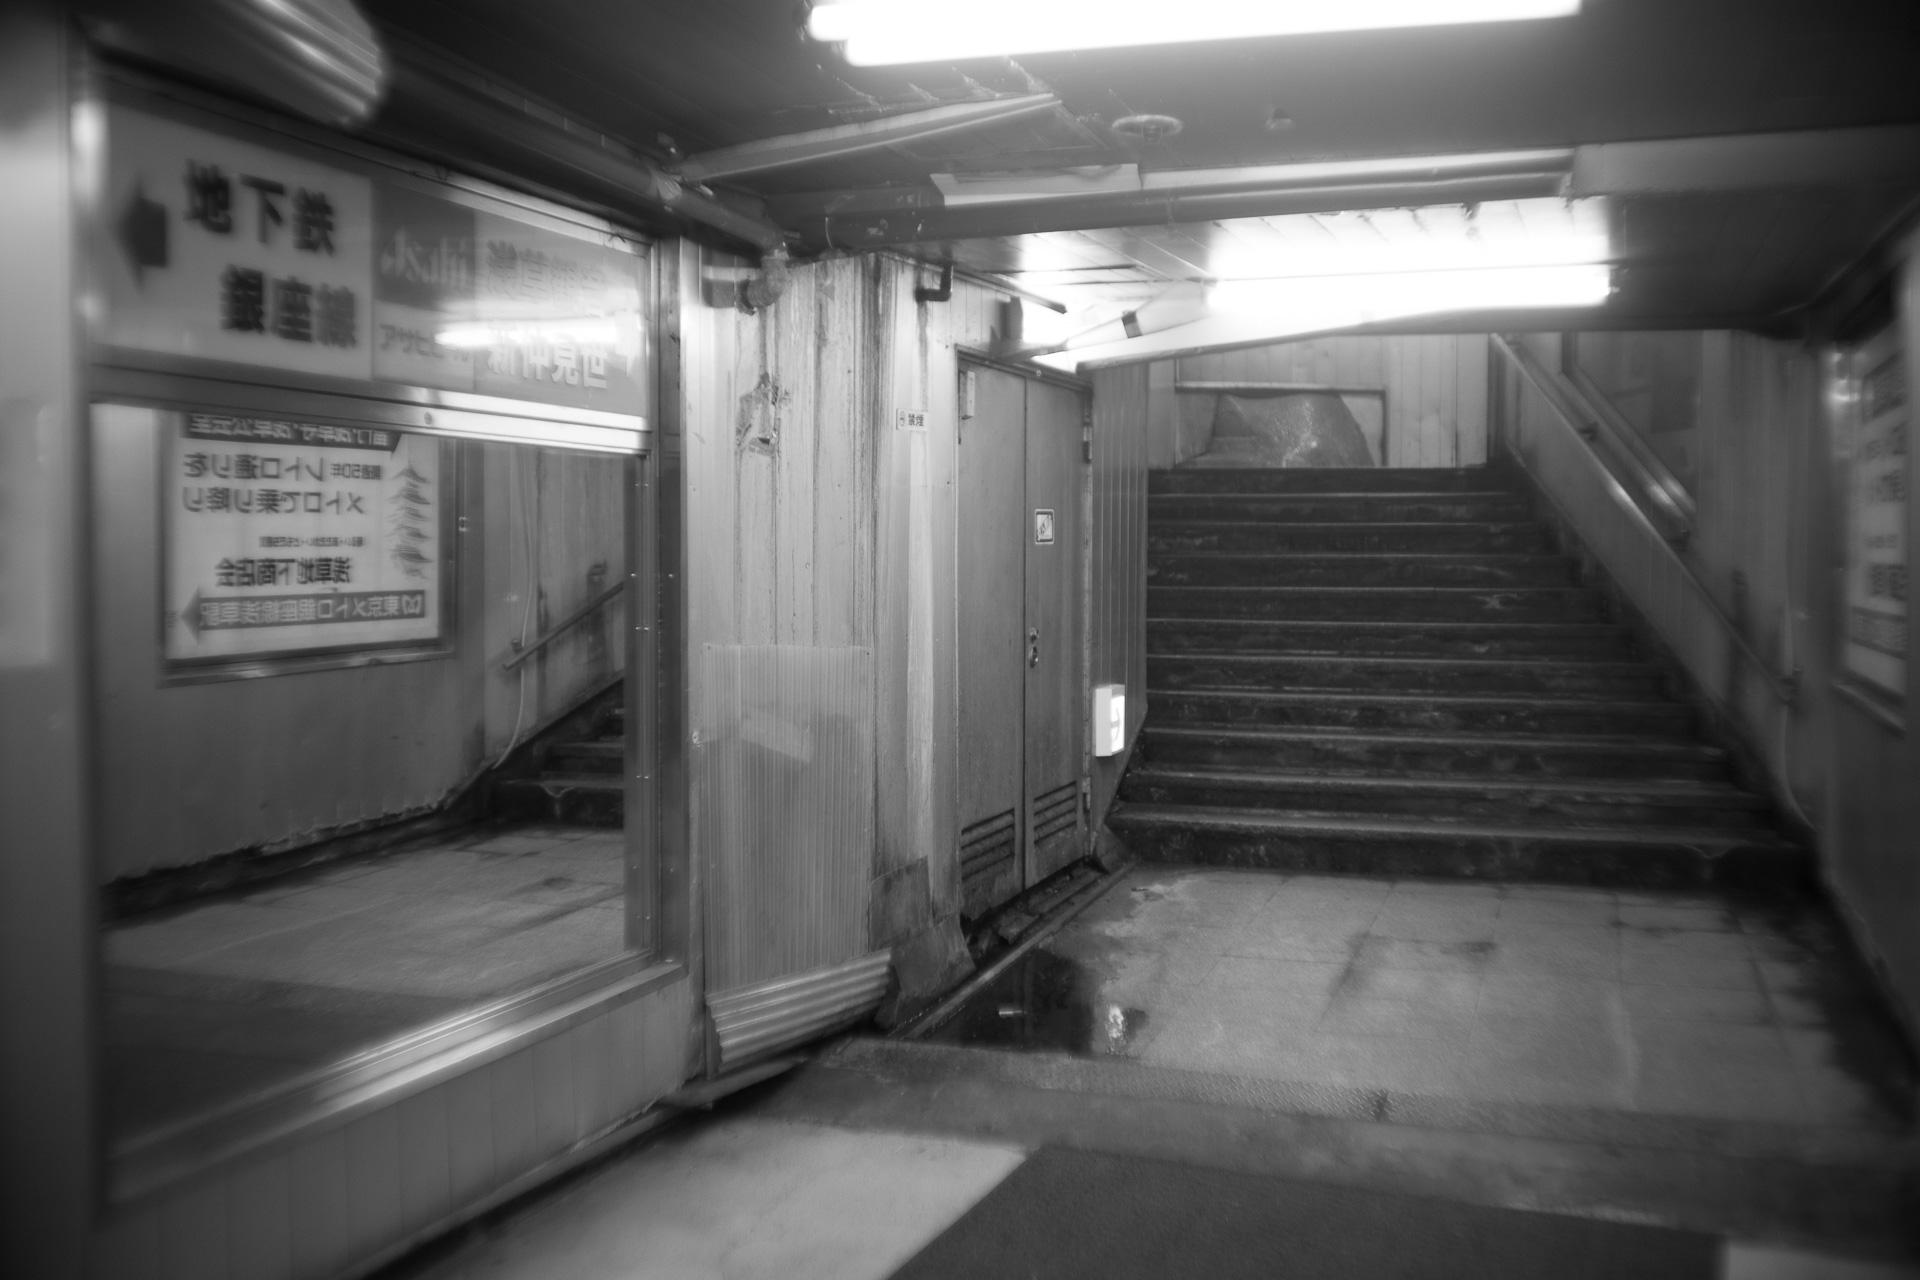 浅草 地下街 SONY α7, New Nikkor 35mm F2